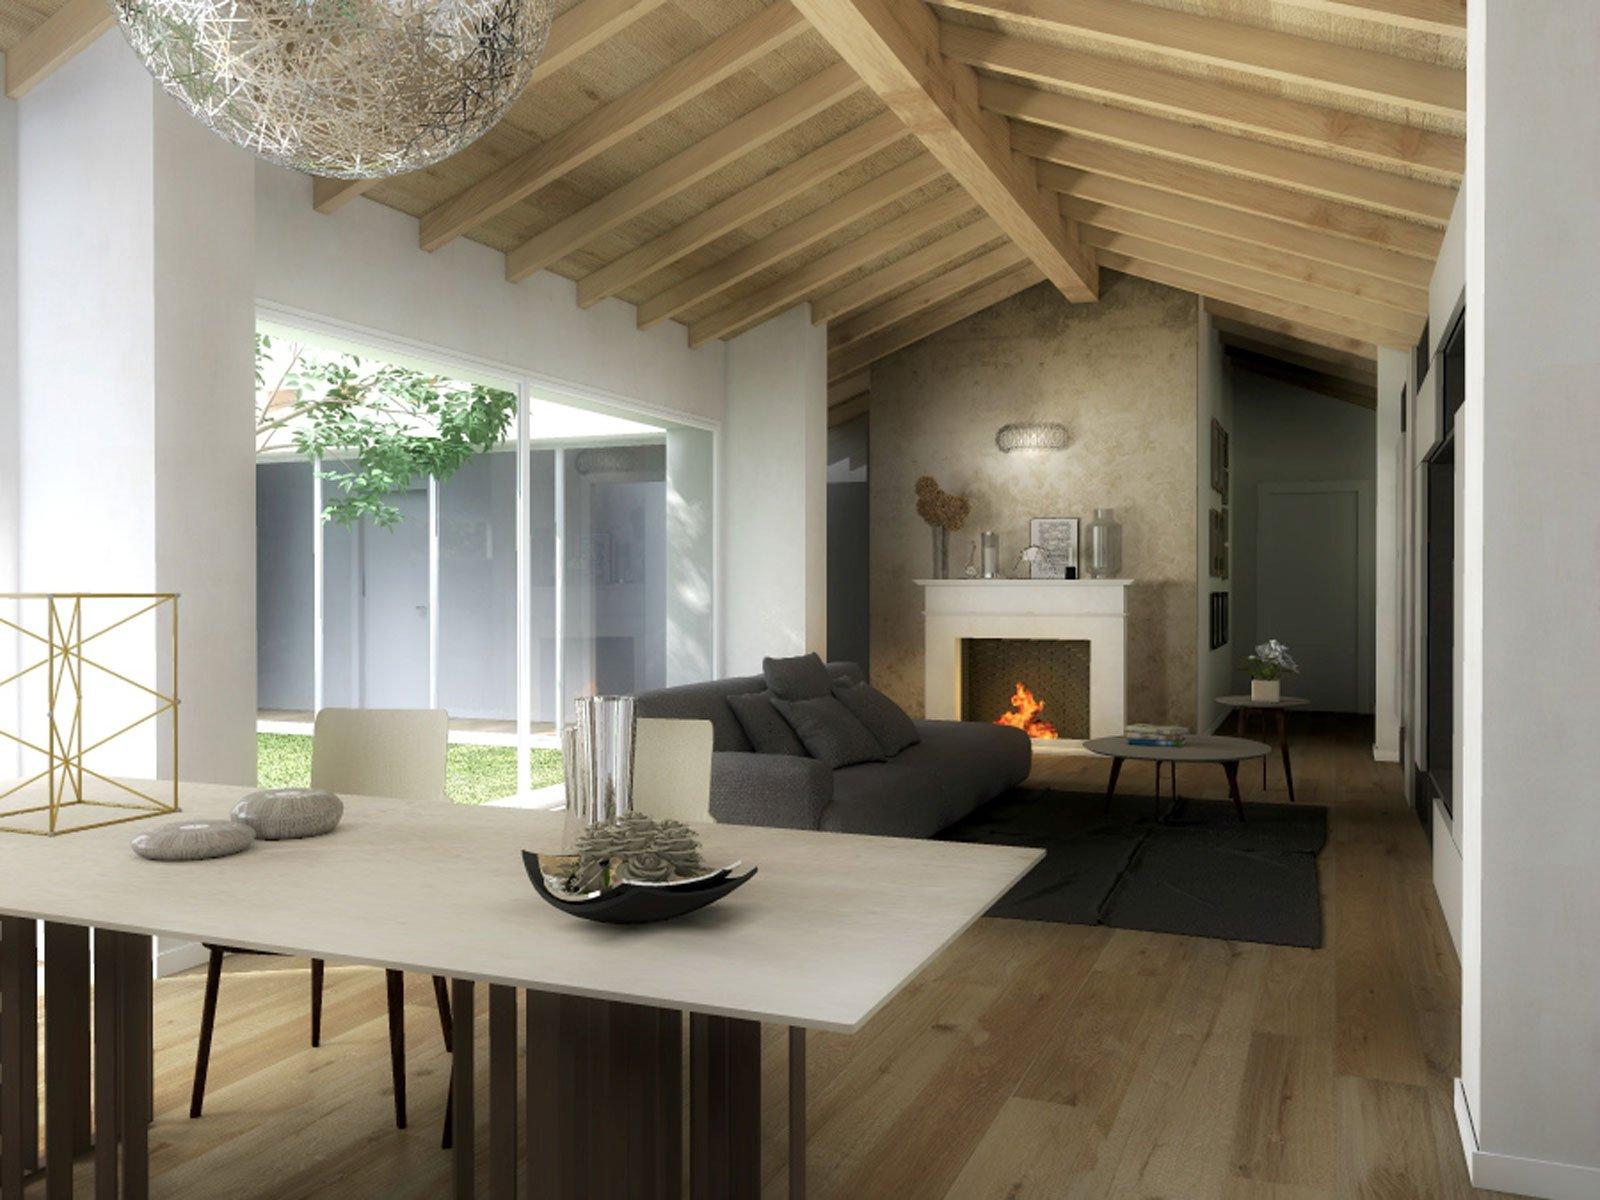 Progetto soggiorno lema selecta 1 cose di casa for Progetto soggiorno